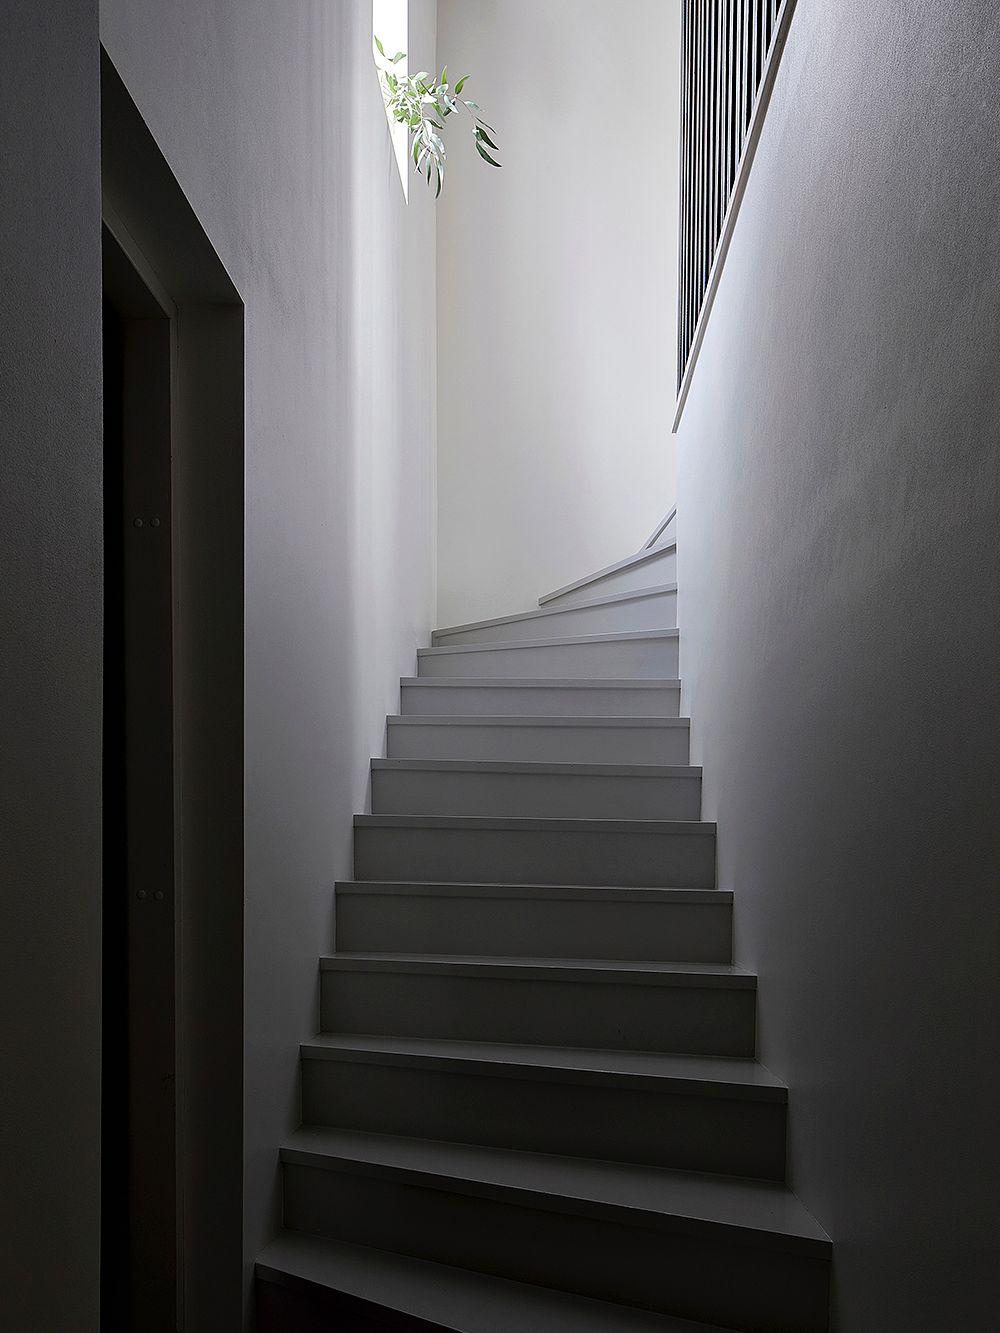 Betoluxilla harmaaksi maalatut portaat